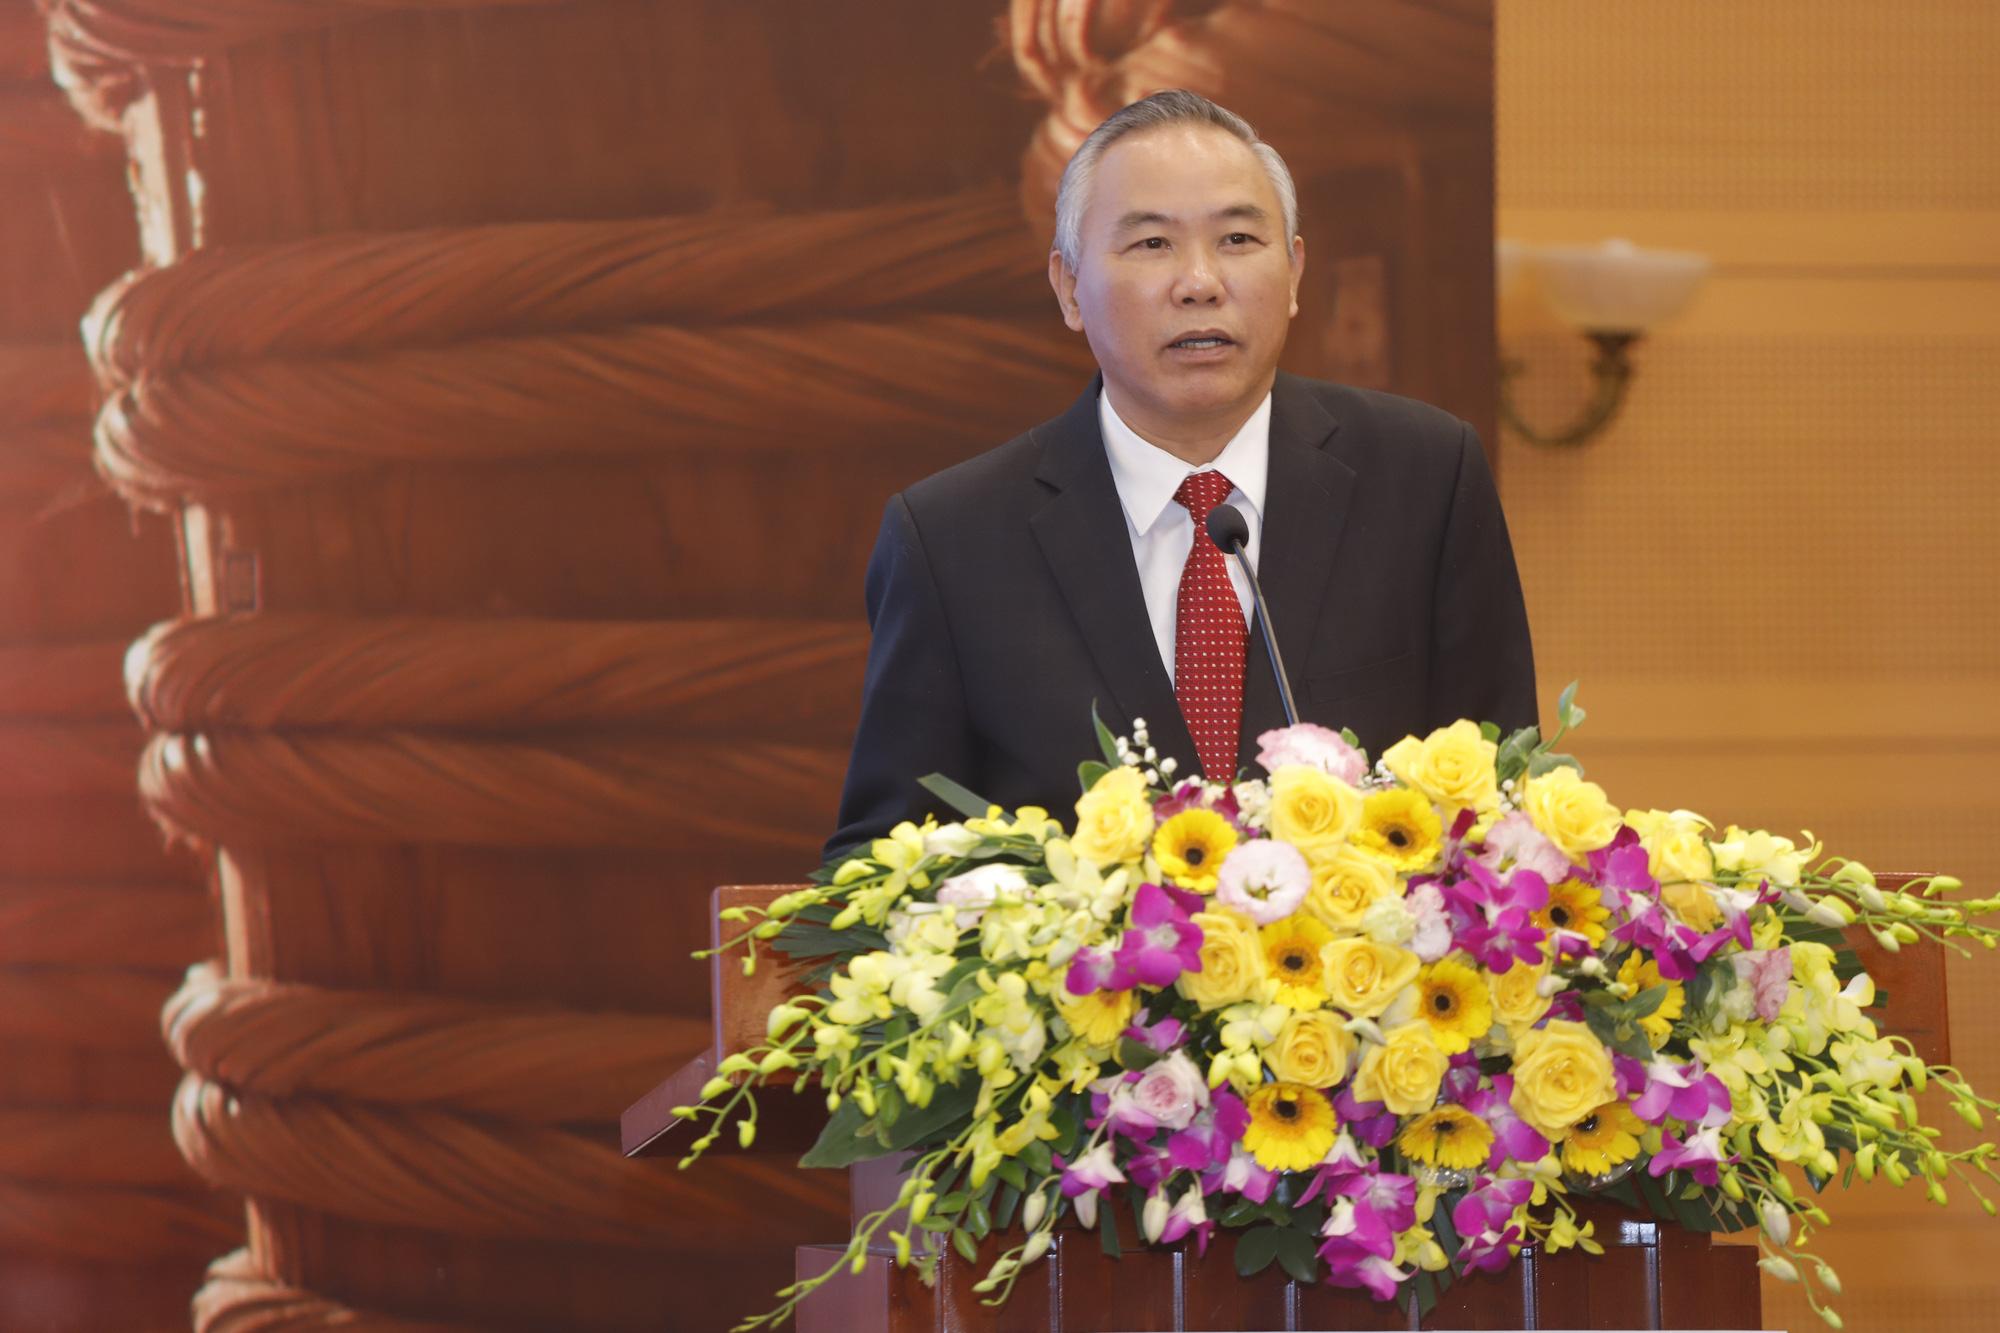 Hôm nay ra mắt Hiệp hội Nước mắm Việt Nam: Phát triển ngành hàng trị giá 6.000 tỷ đồng - Ảnh 2.